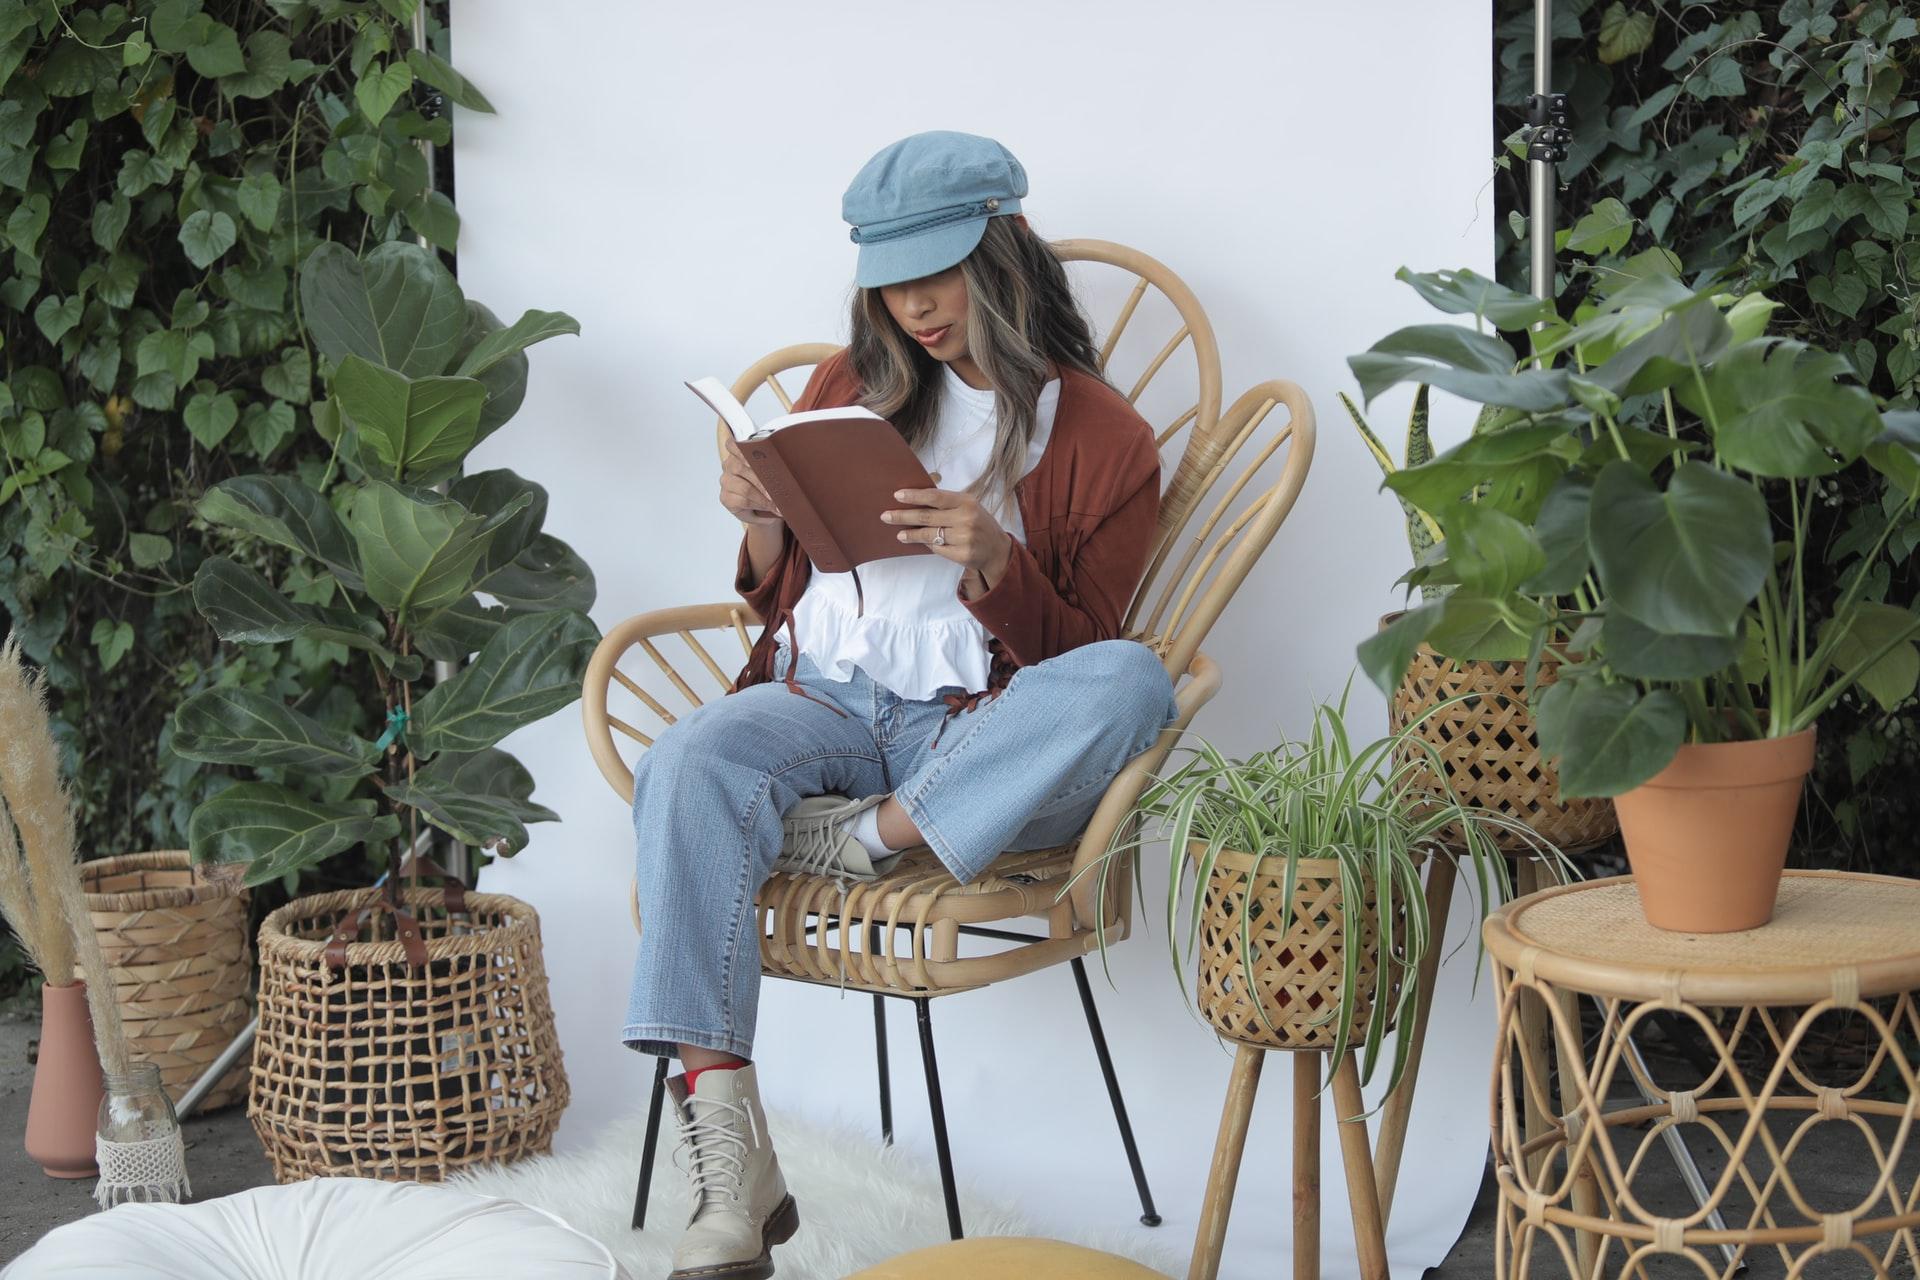 Lợi ích tuyệt vời của việc đọc sách mỗi ngày mà bạn không ngờ đến